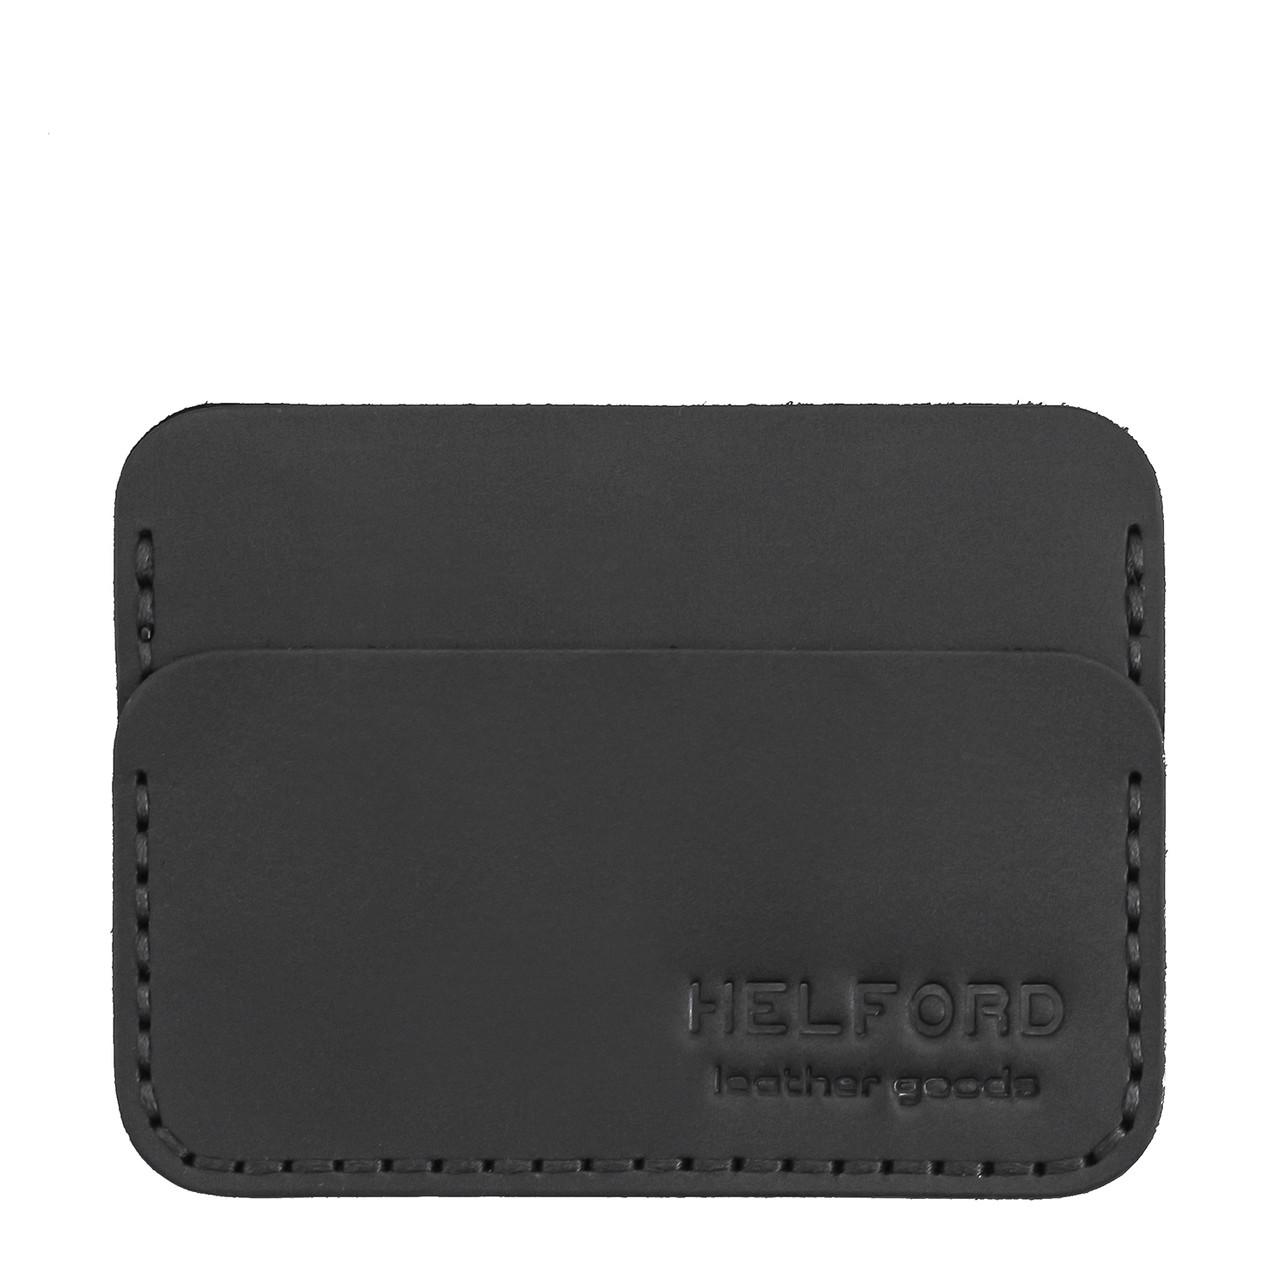 Картхолдер кожаный ручной работы HELFORD Кроул blk (roz-1134113054)